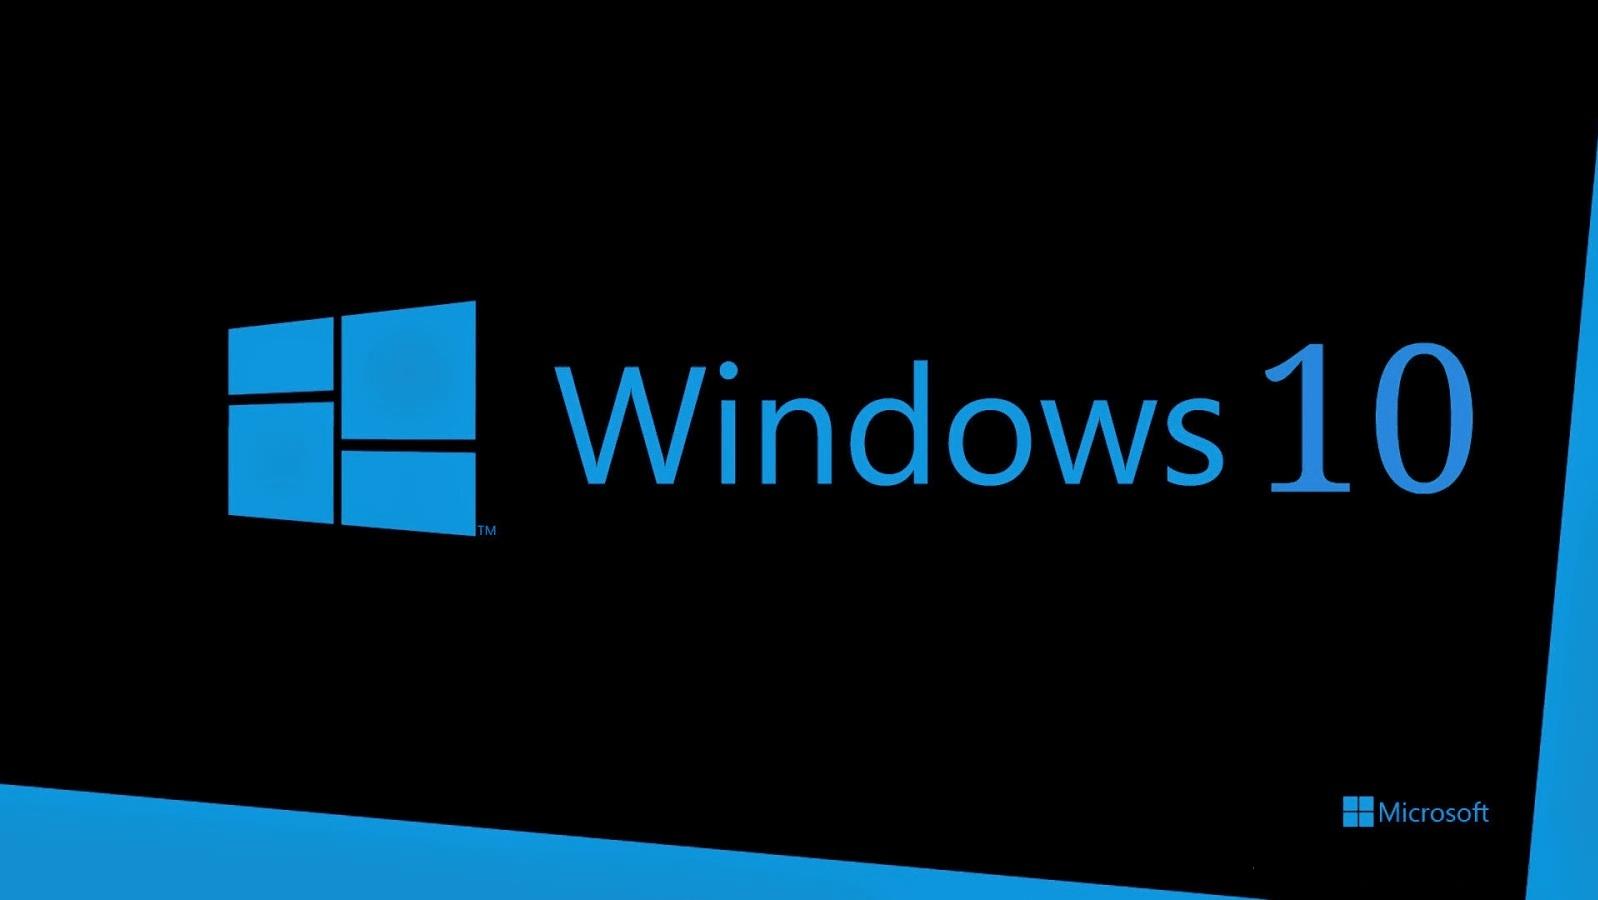 Системные требования для Windows 10: минимальные требования к системе компьютера